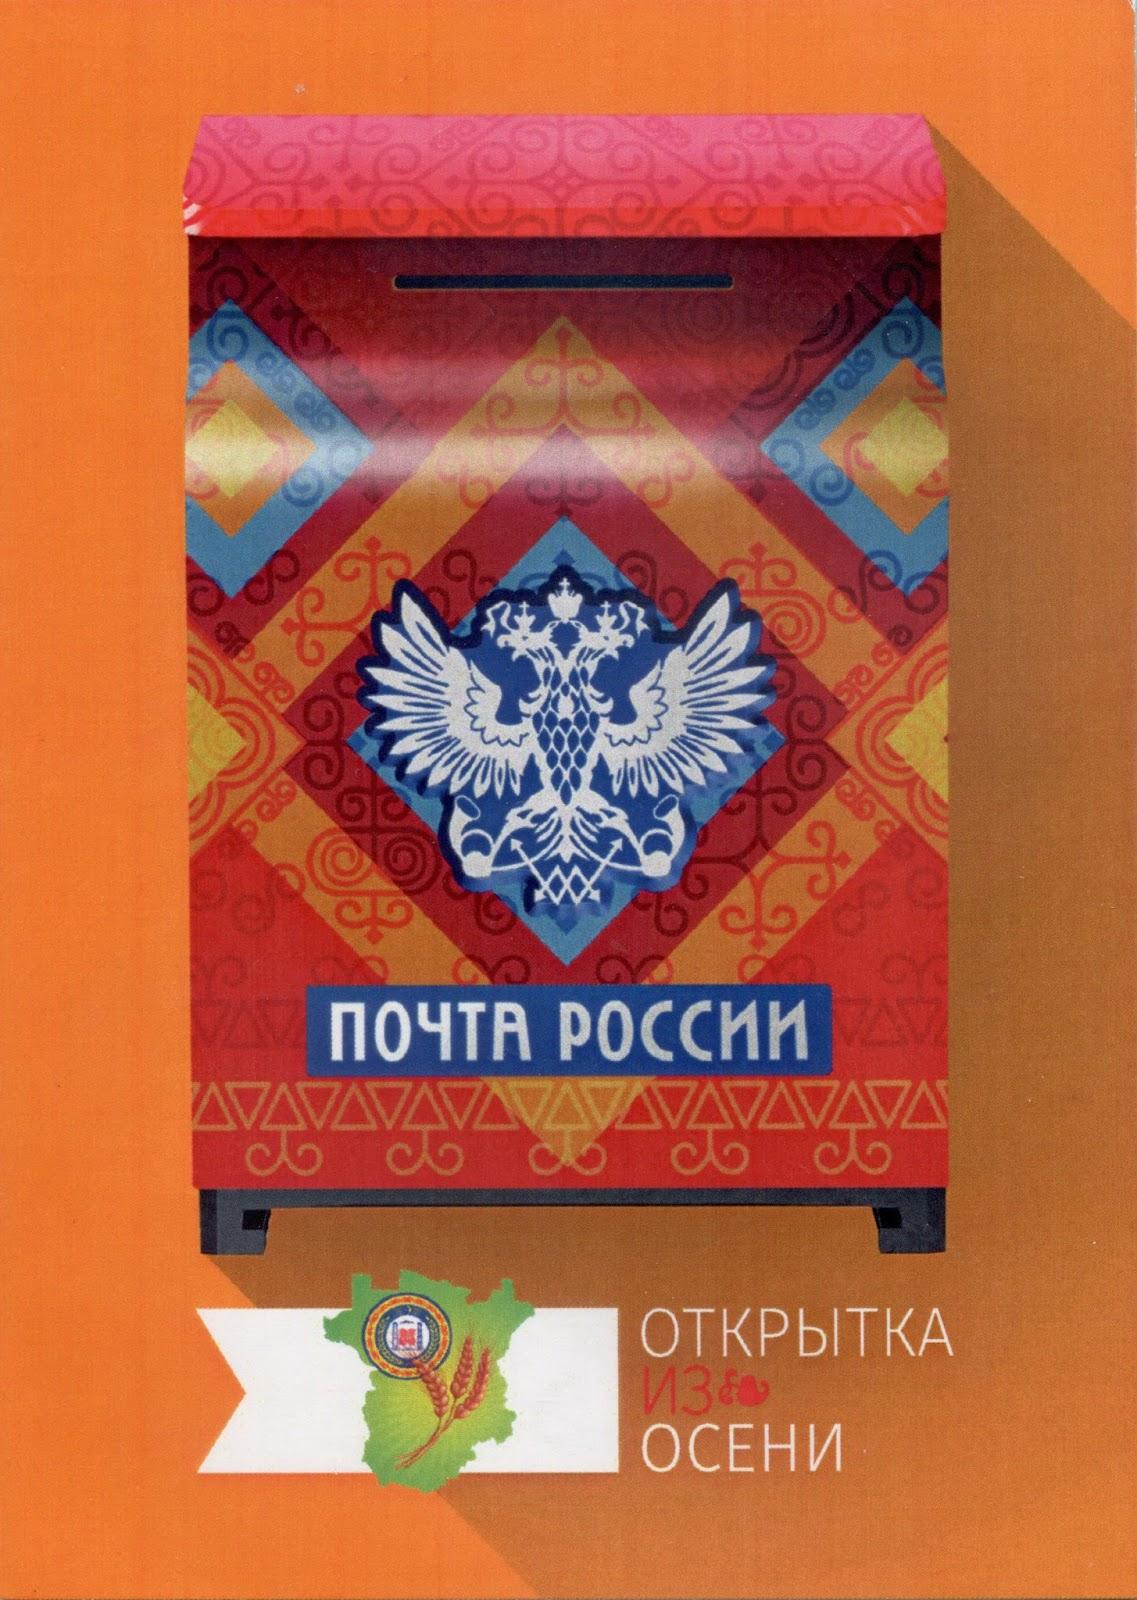 Утро света, почта россии открытка